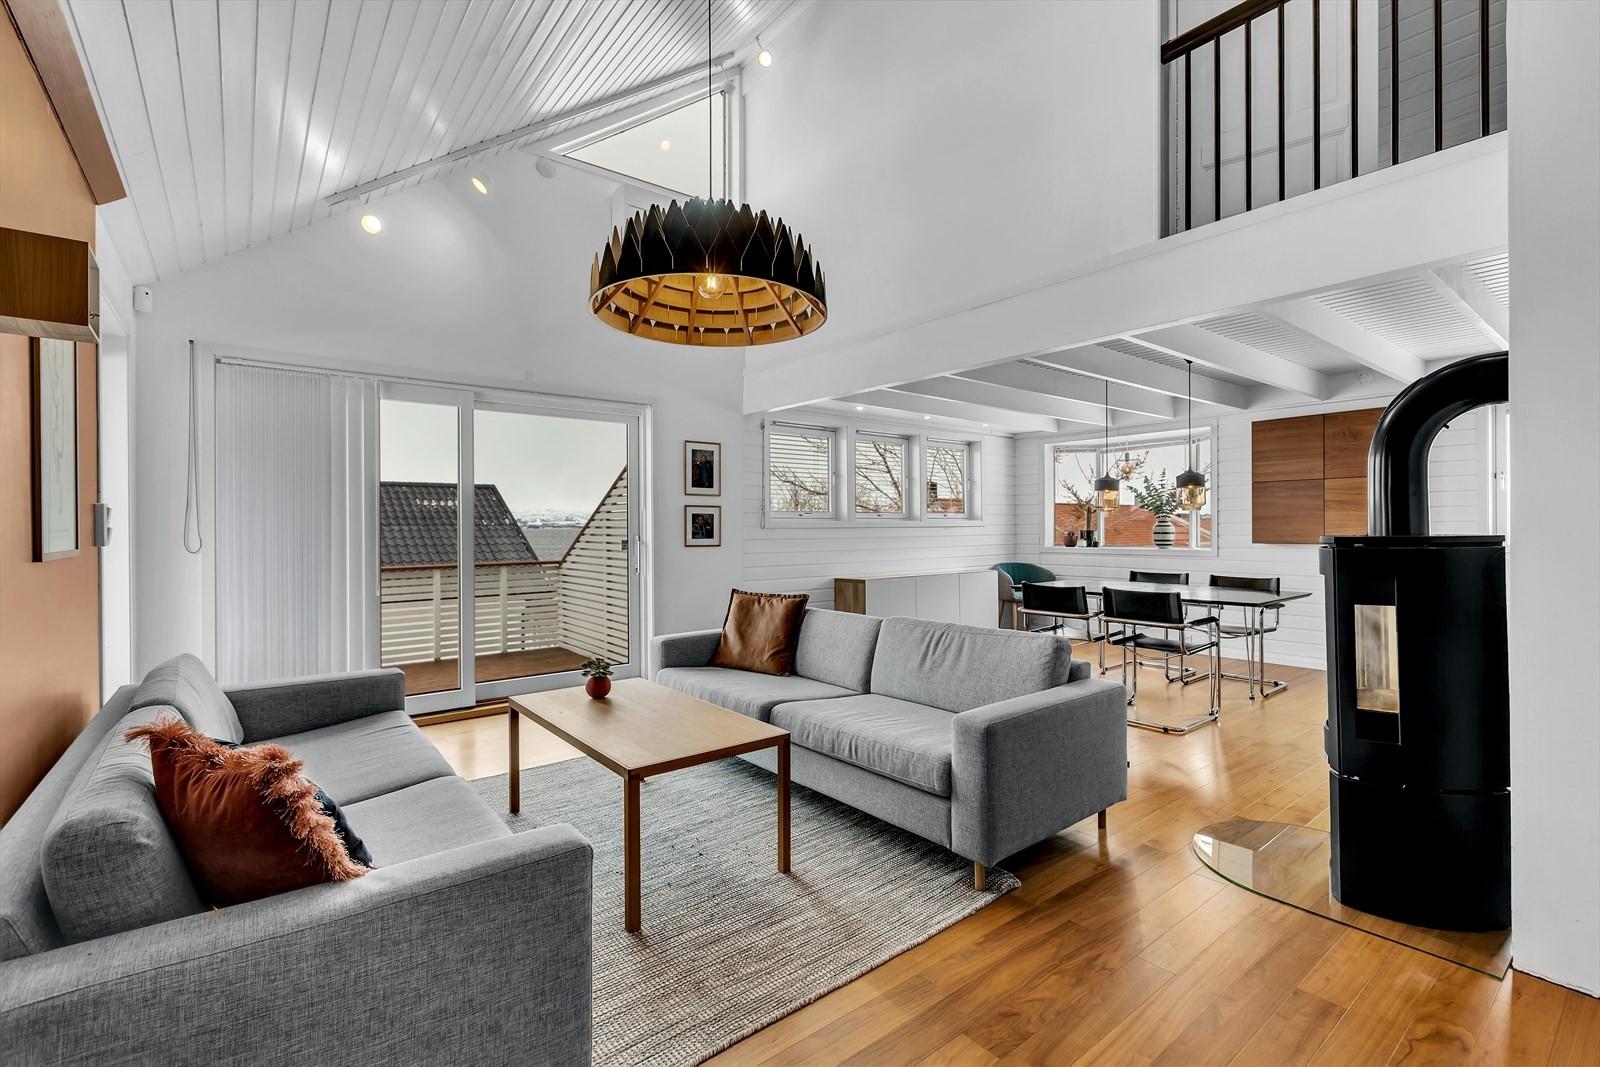 Meget tiltalende stue med god takhøyde og fresh belysning.